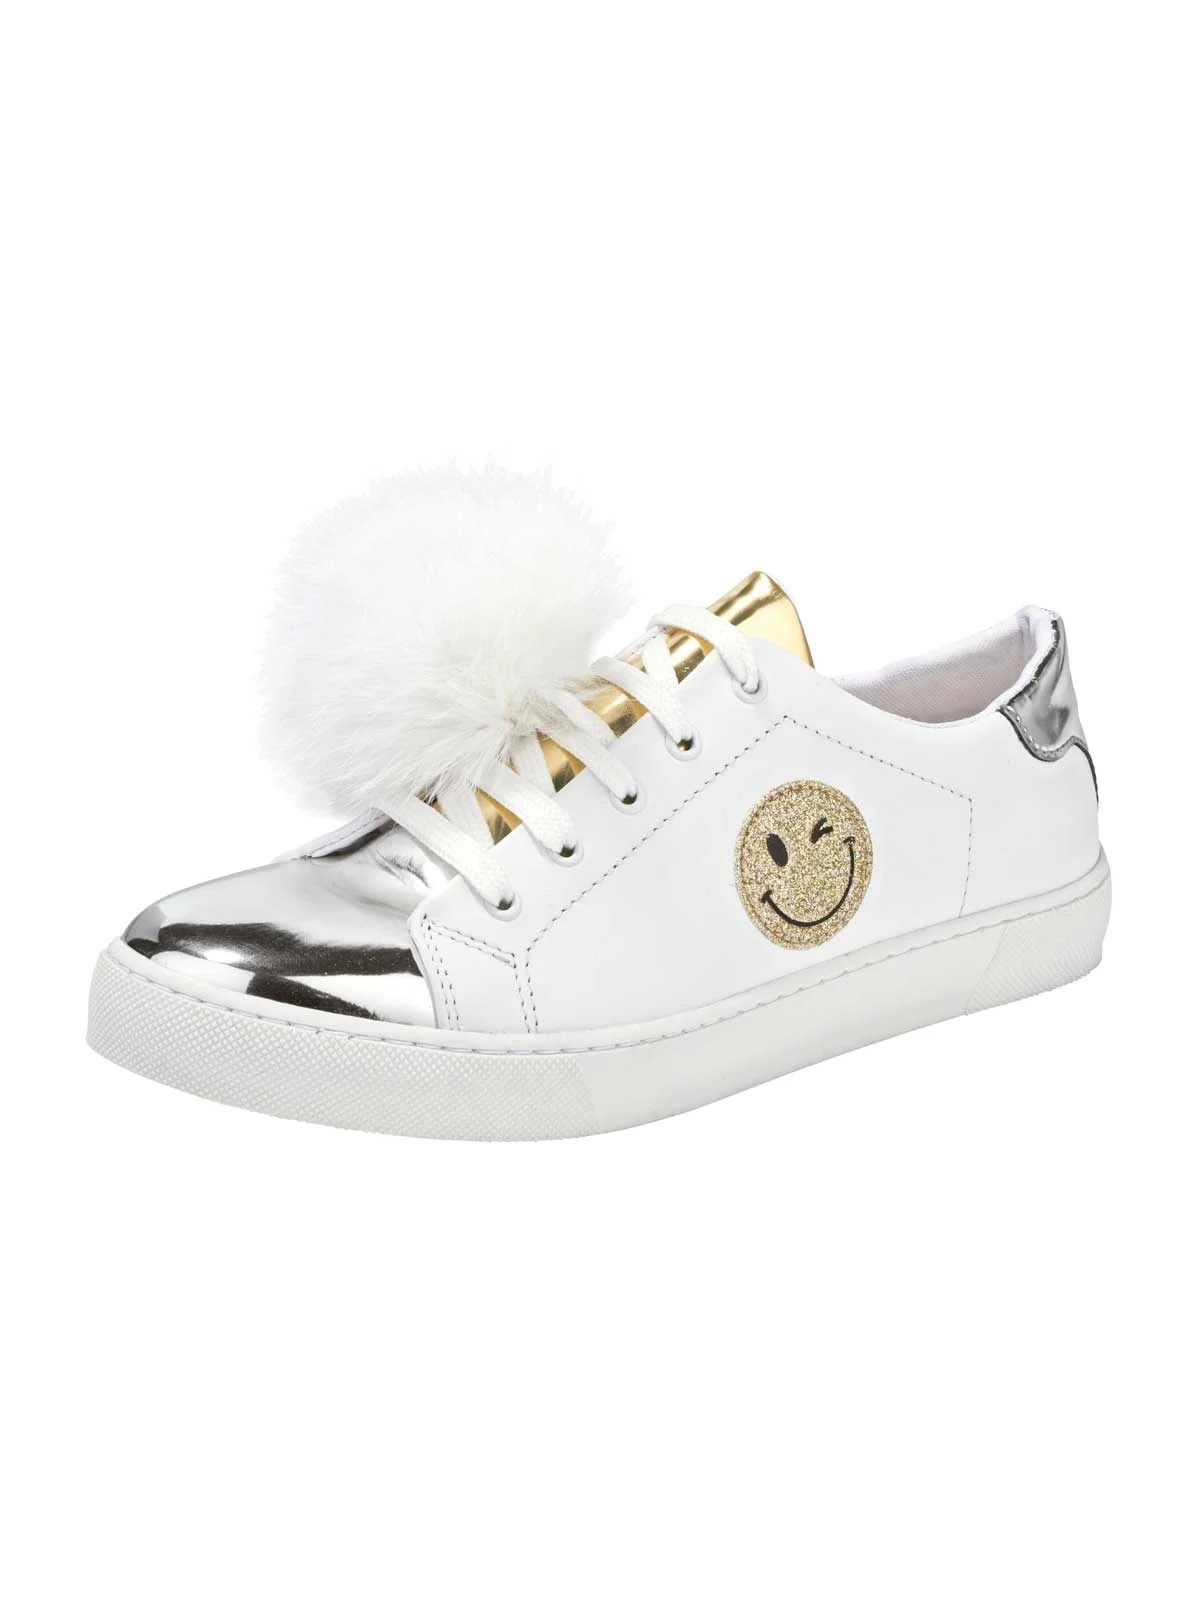 bequeme Schuhe HEINE Leder-Sneaker, weiß-silber-gold 078.008 Missforty.